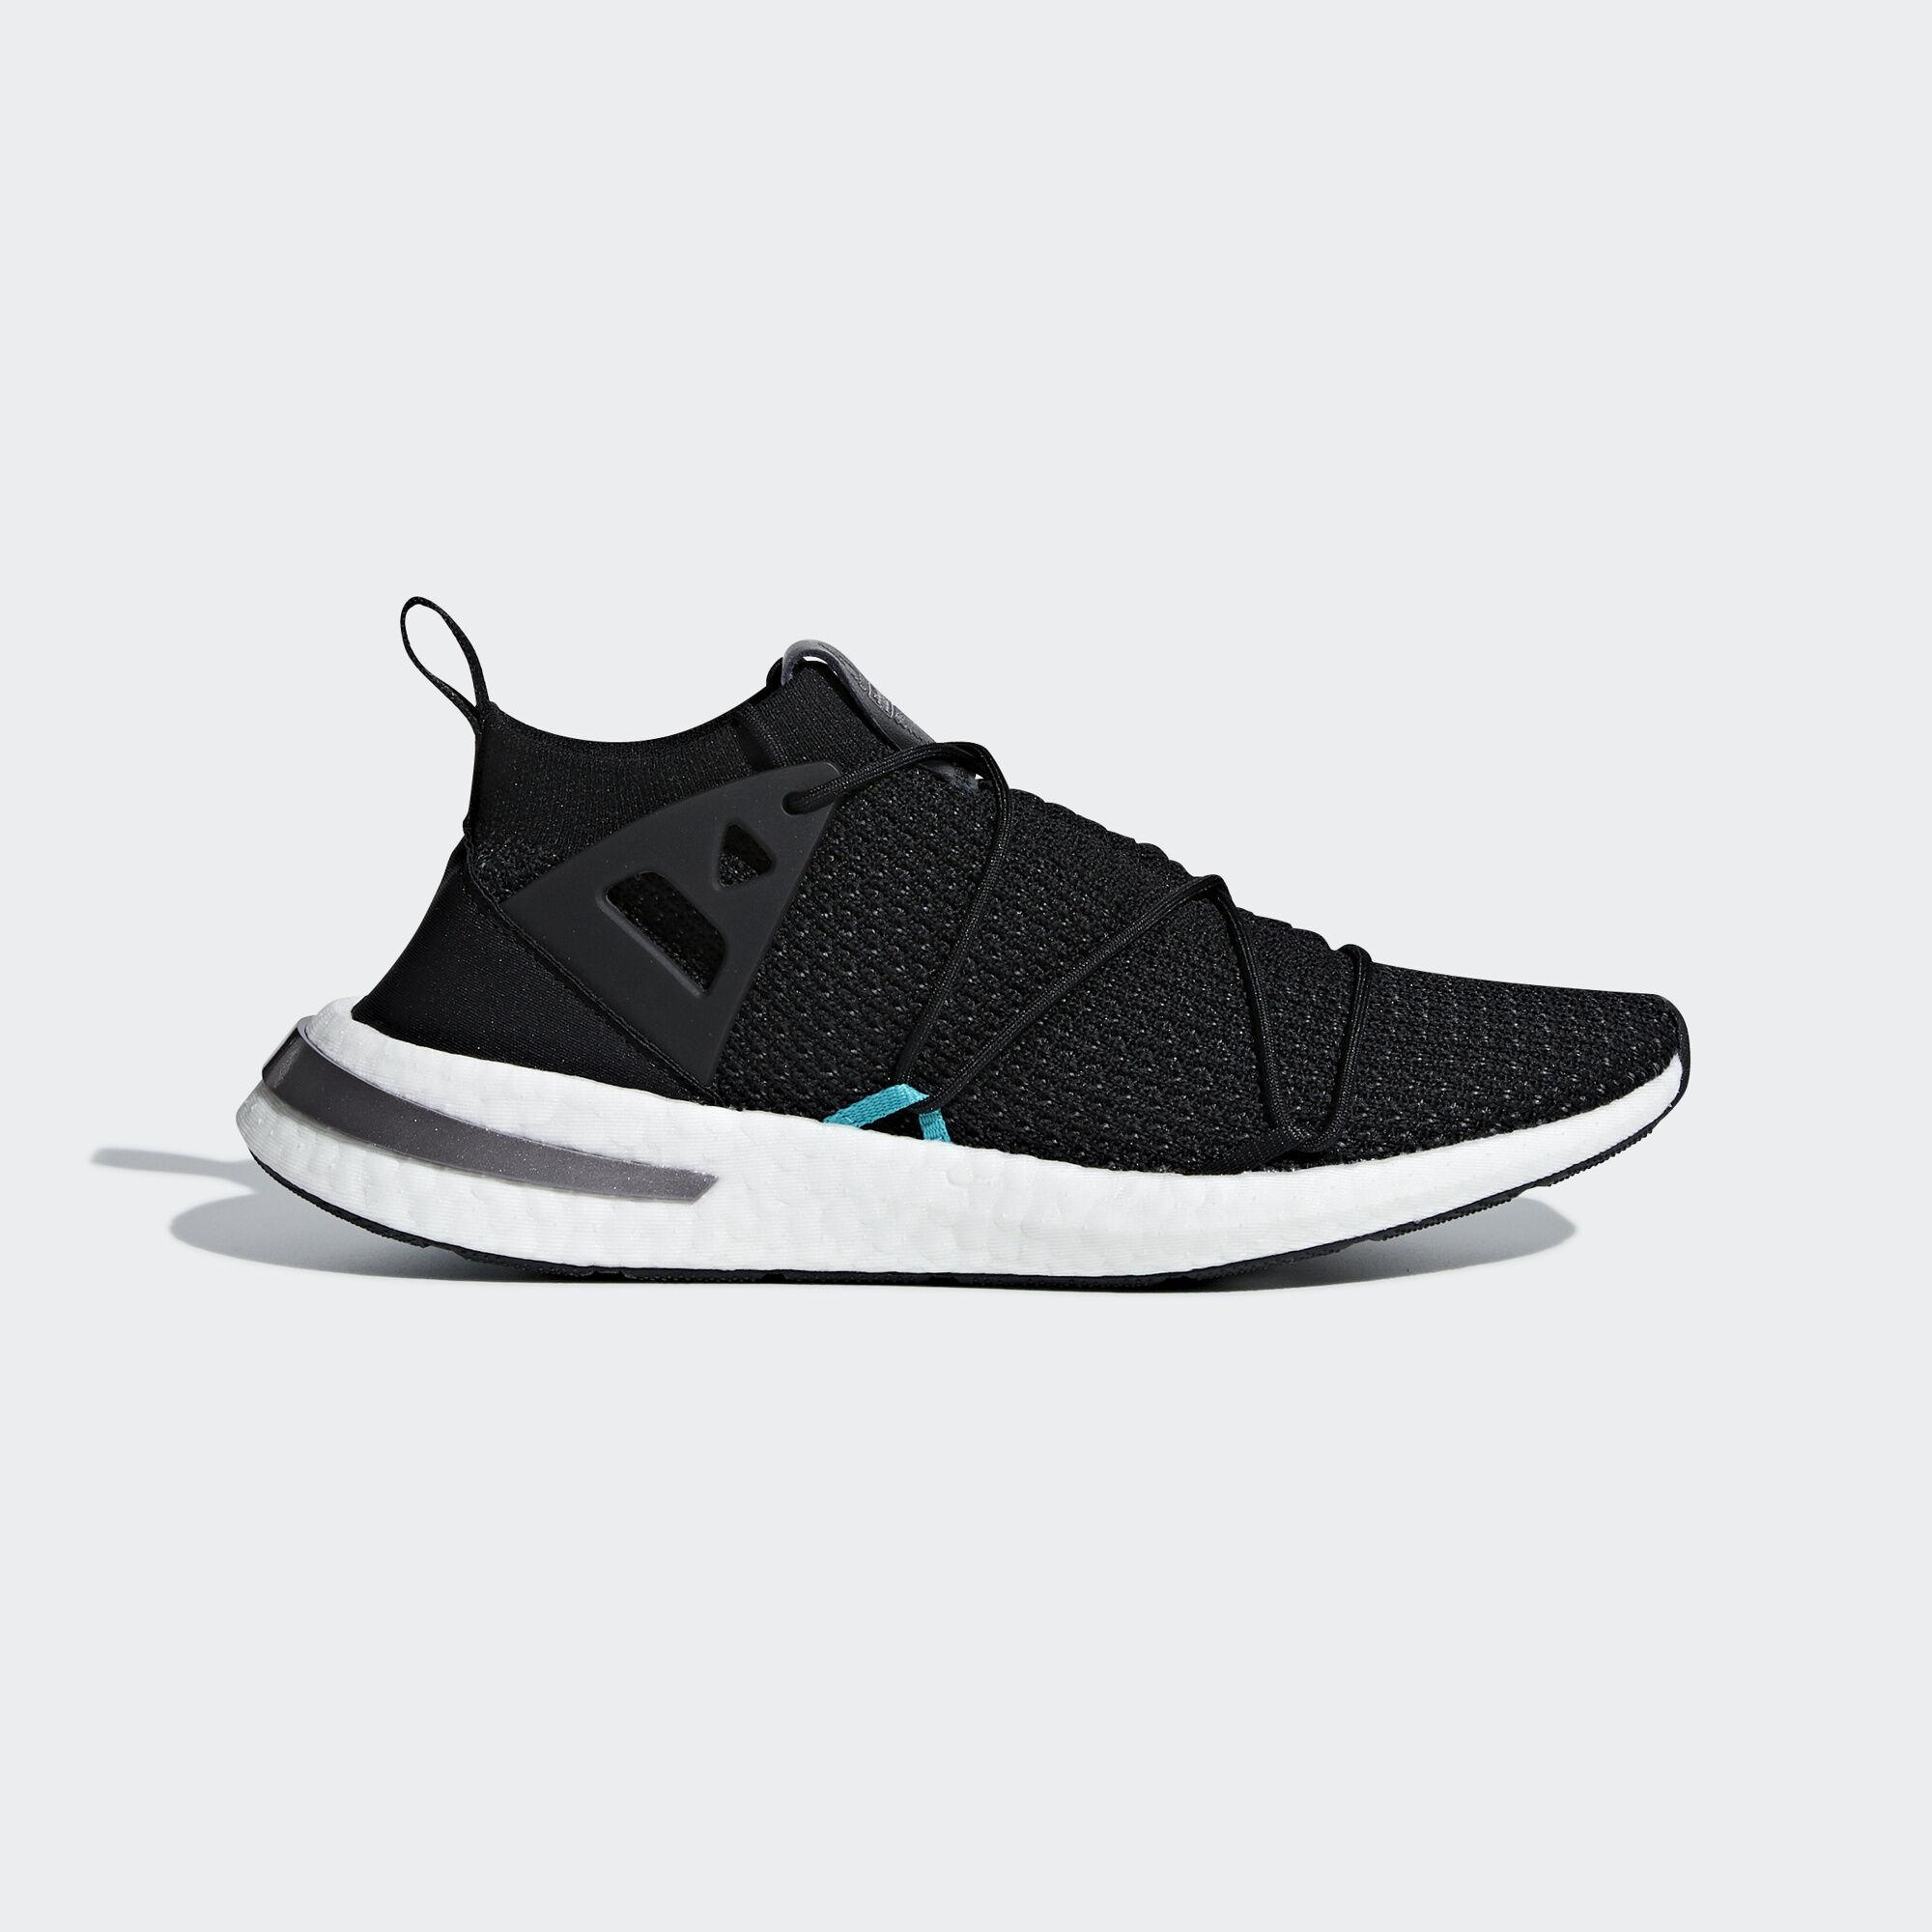 best loved 4b351 4e390 adidas - Arkyn Primeknit Shoes Core Black  Core Black  Tech Silver Met.  B28123